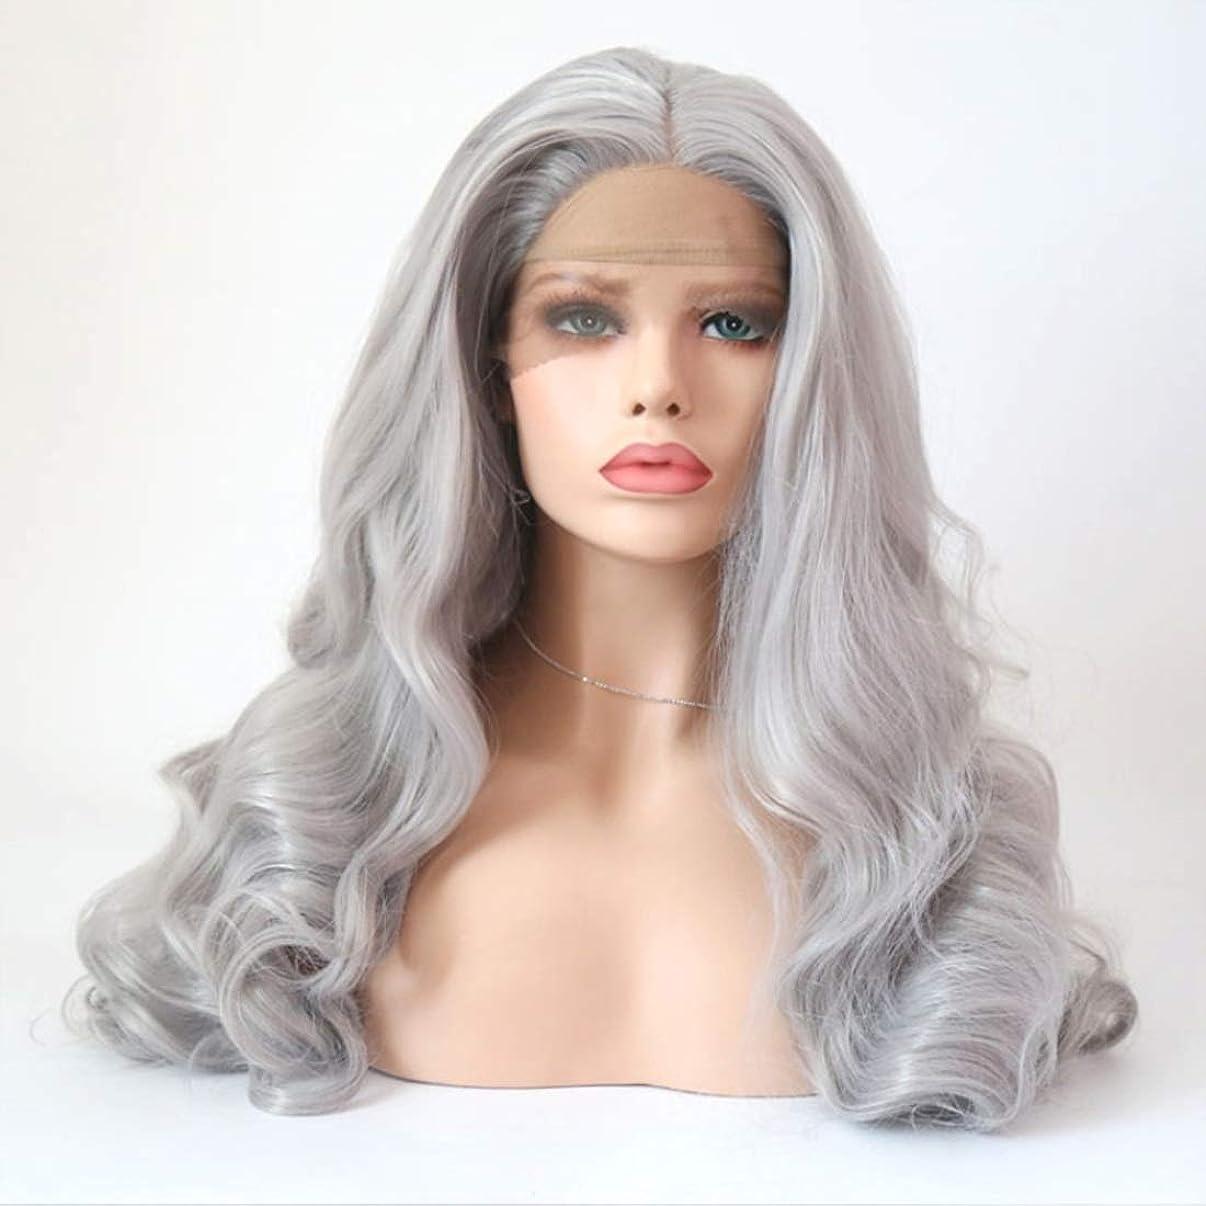 上流の巨大感情Summerys 女性のための長い巻き毛のかつら合成パーティーかつら耐熱繊維かつらとフルウィッグ